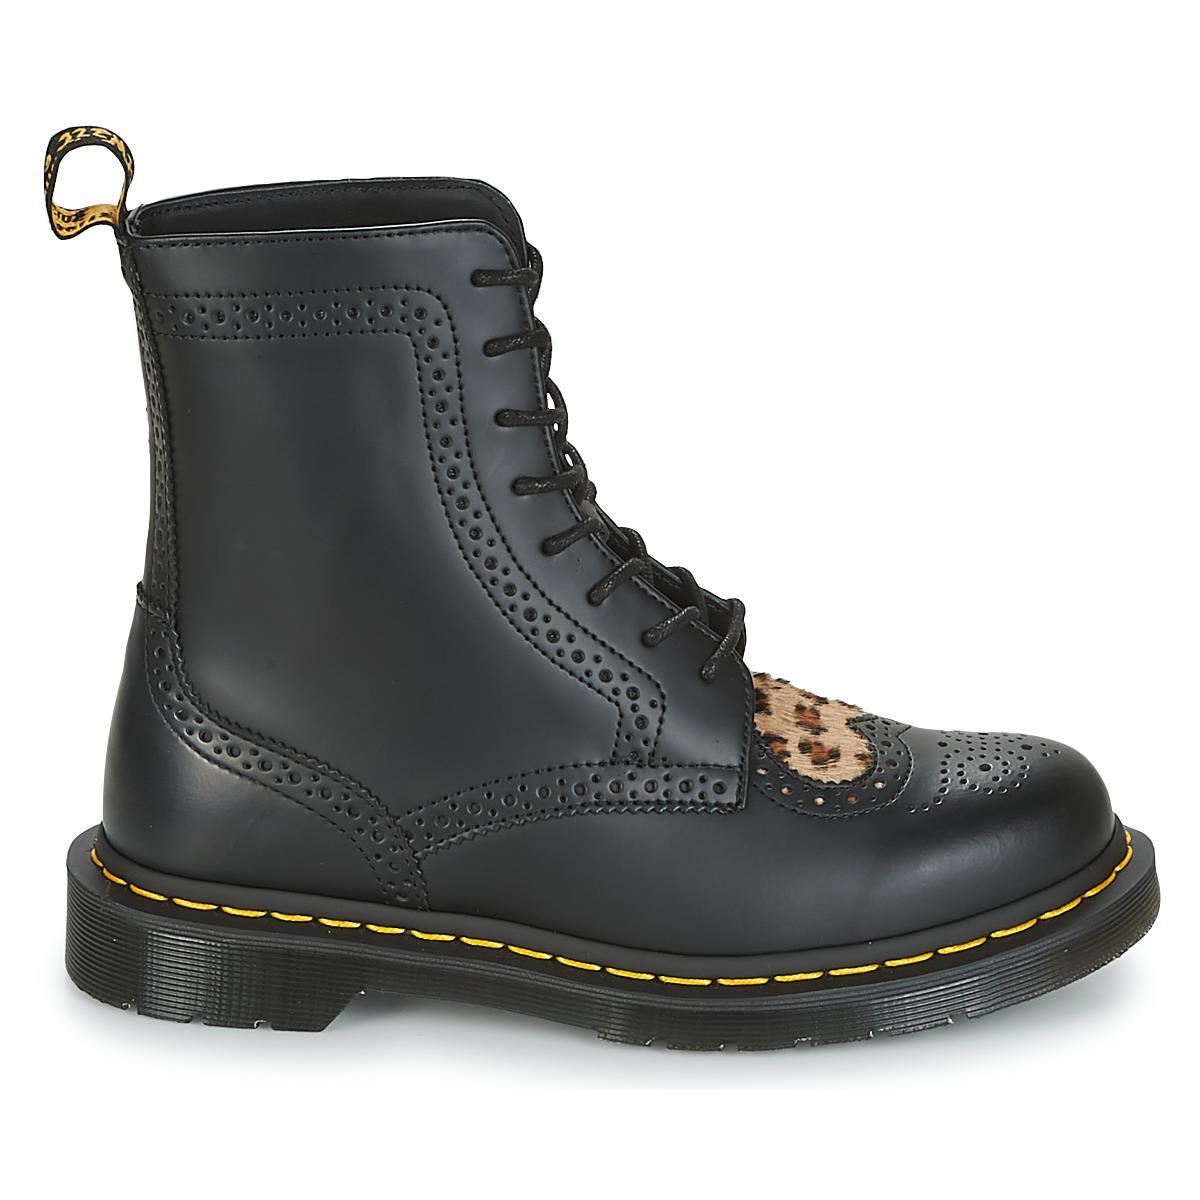 Dr. Martens Bentley Ii Hrt Women's Mid Boots In Black